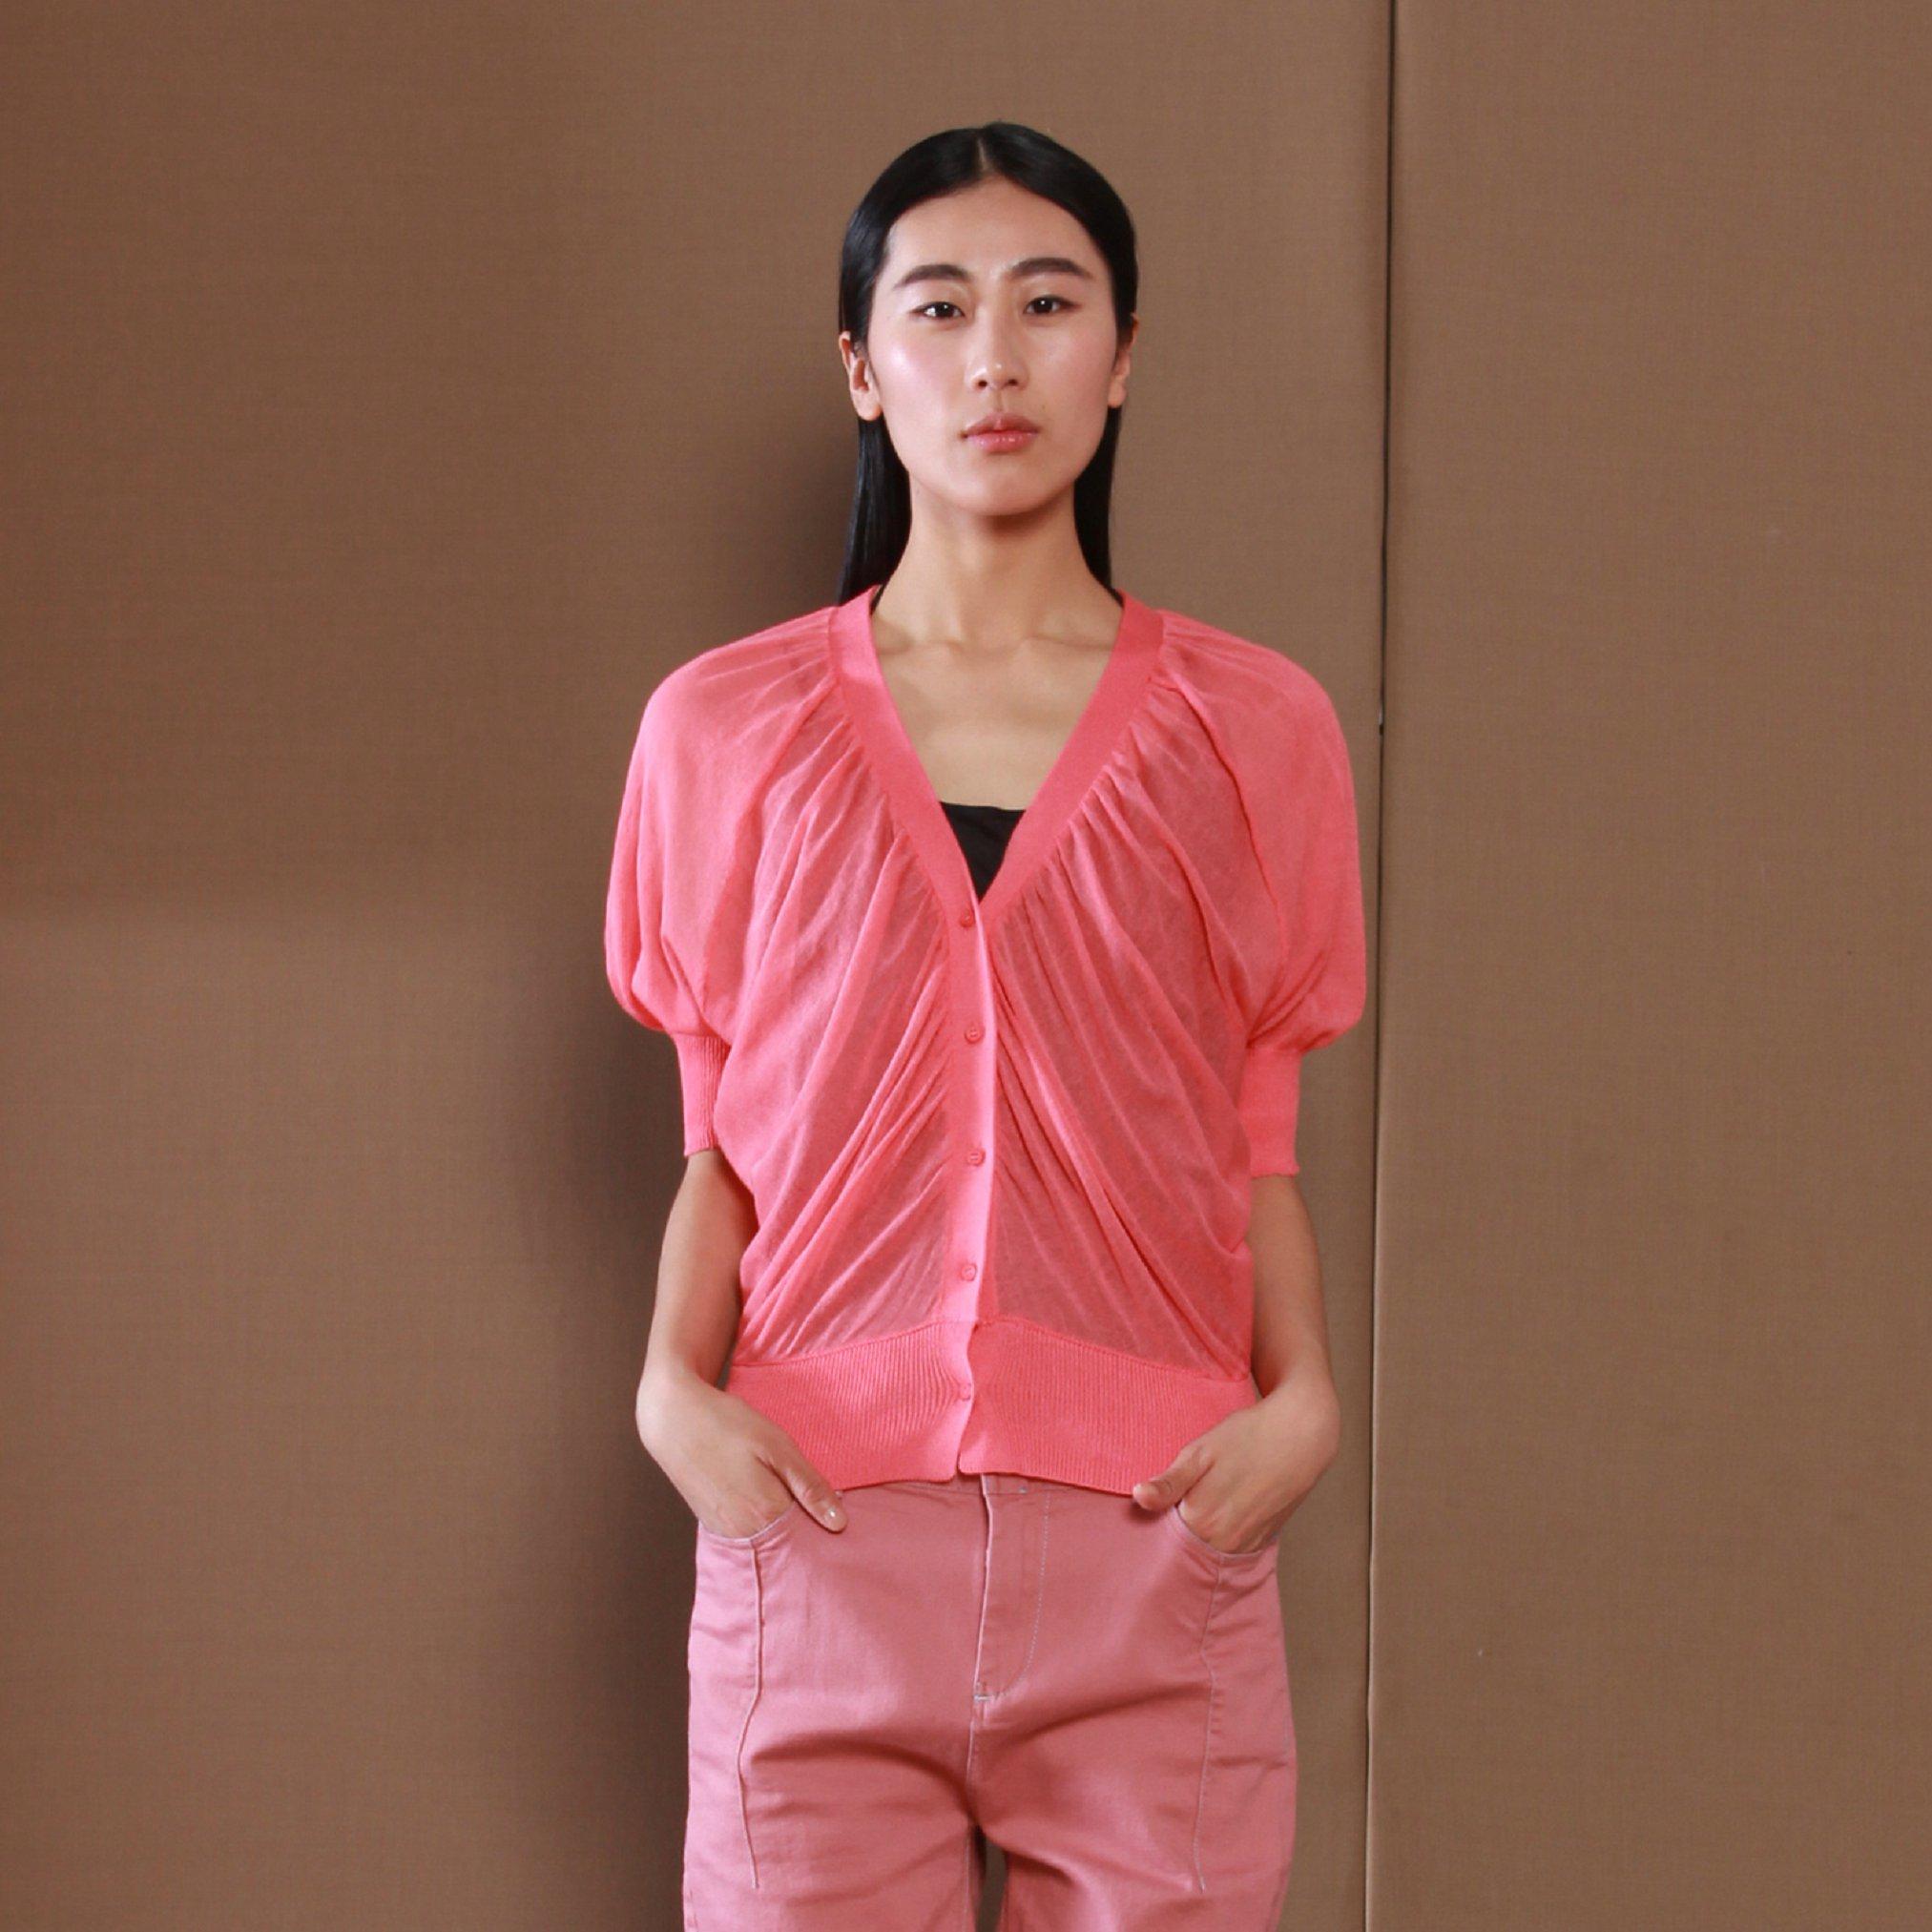 JNBY jnby тонкое летнее платье новые дамы свитер слабее bat рукав 5 c 38015